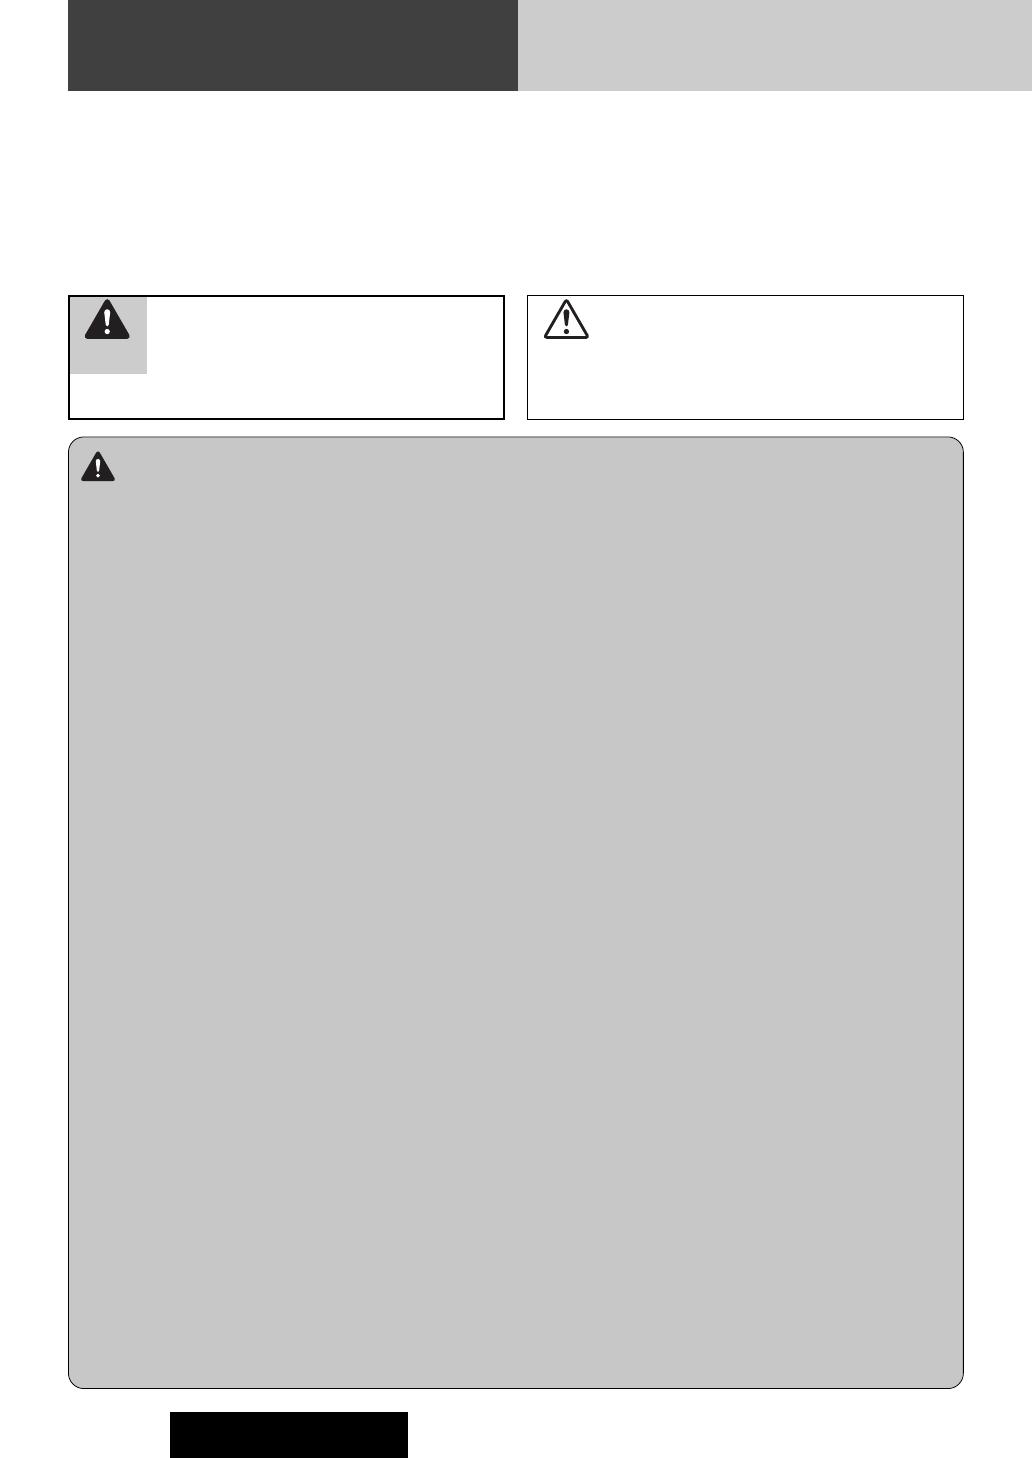 Handleiding Panasonic CQ-C8303U (pagina 2 van 114) (English, Espanõl,  Français)